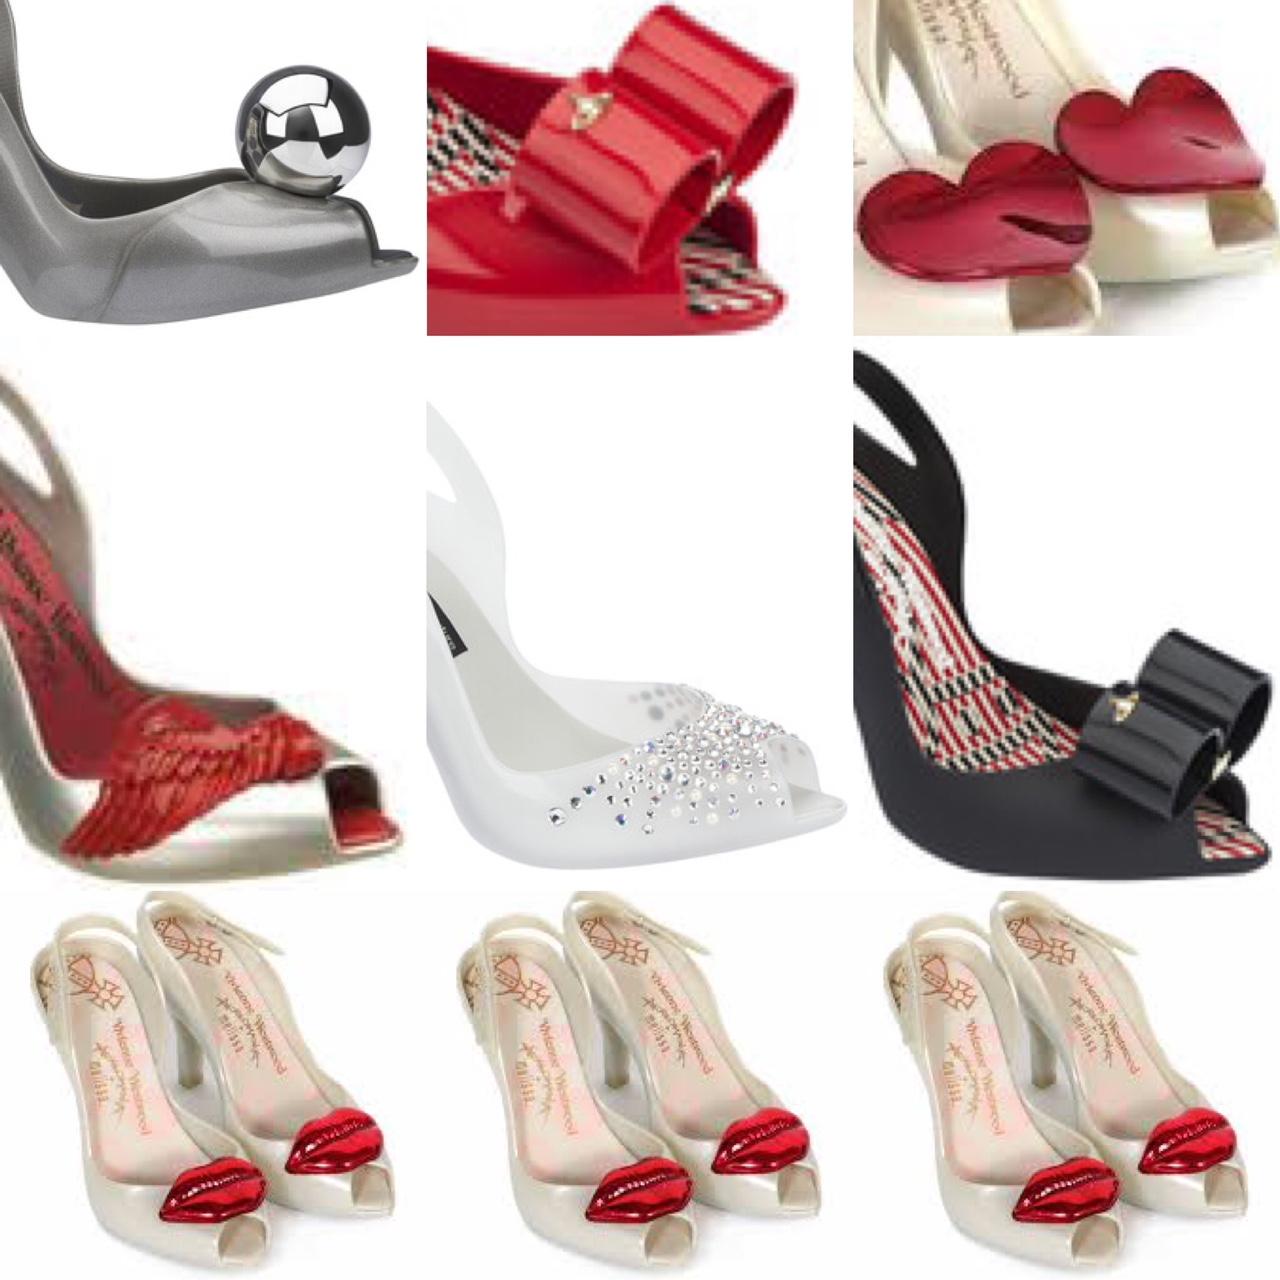 scarpe Archivi - Pagina 2 di 7 - ioamolescarpe 2bf92fbf08f